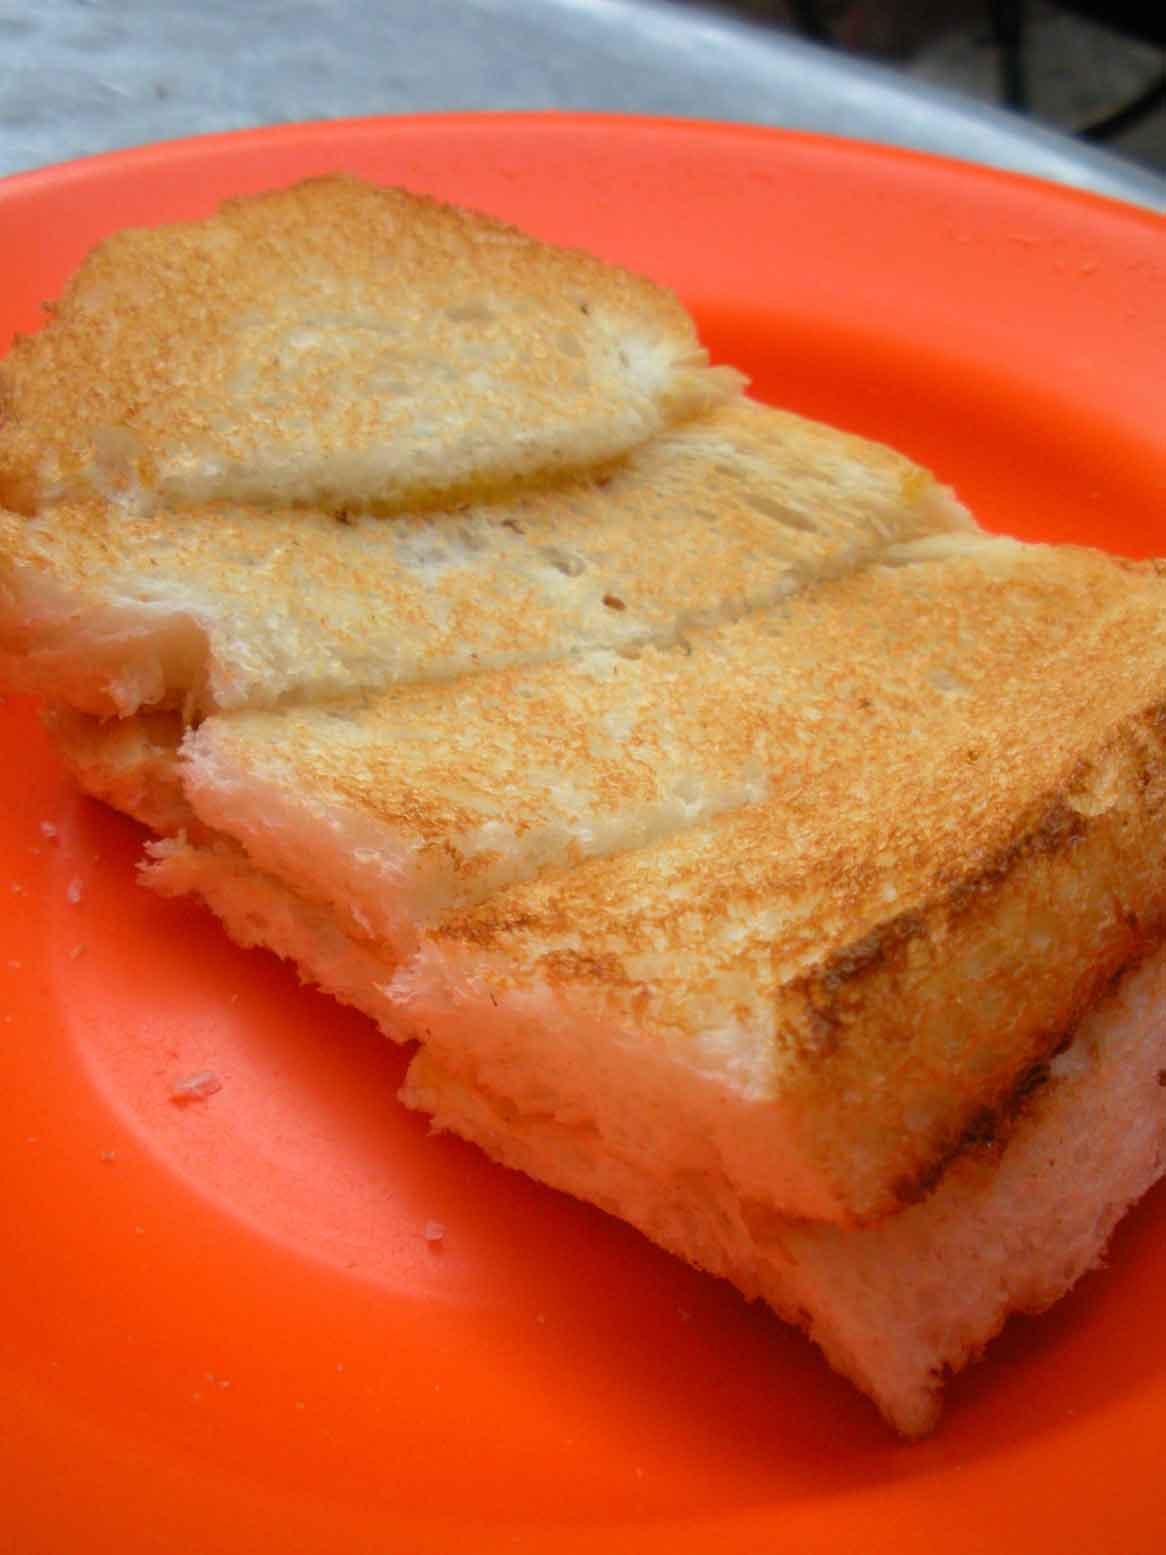 Toh Soon Roti Bakar - kaya butter